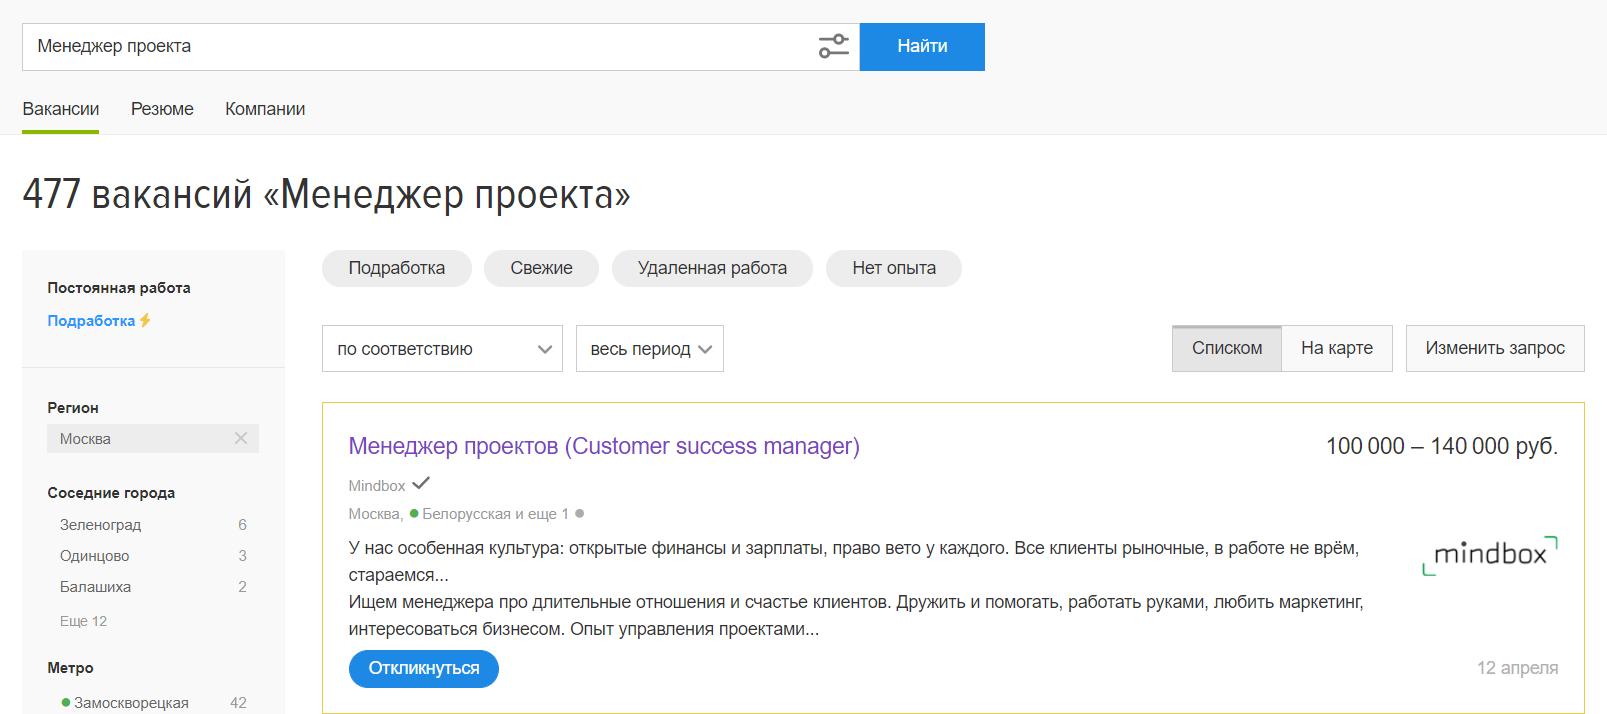 Как видите, вакансий для проджектов по Москве даже больше, чем для разработчиков